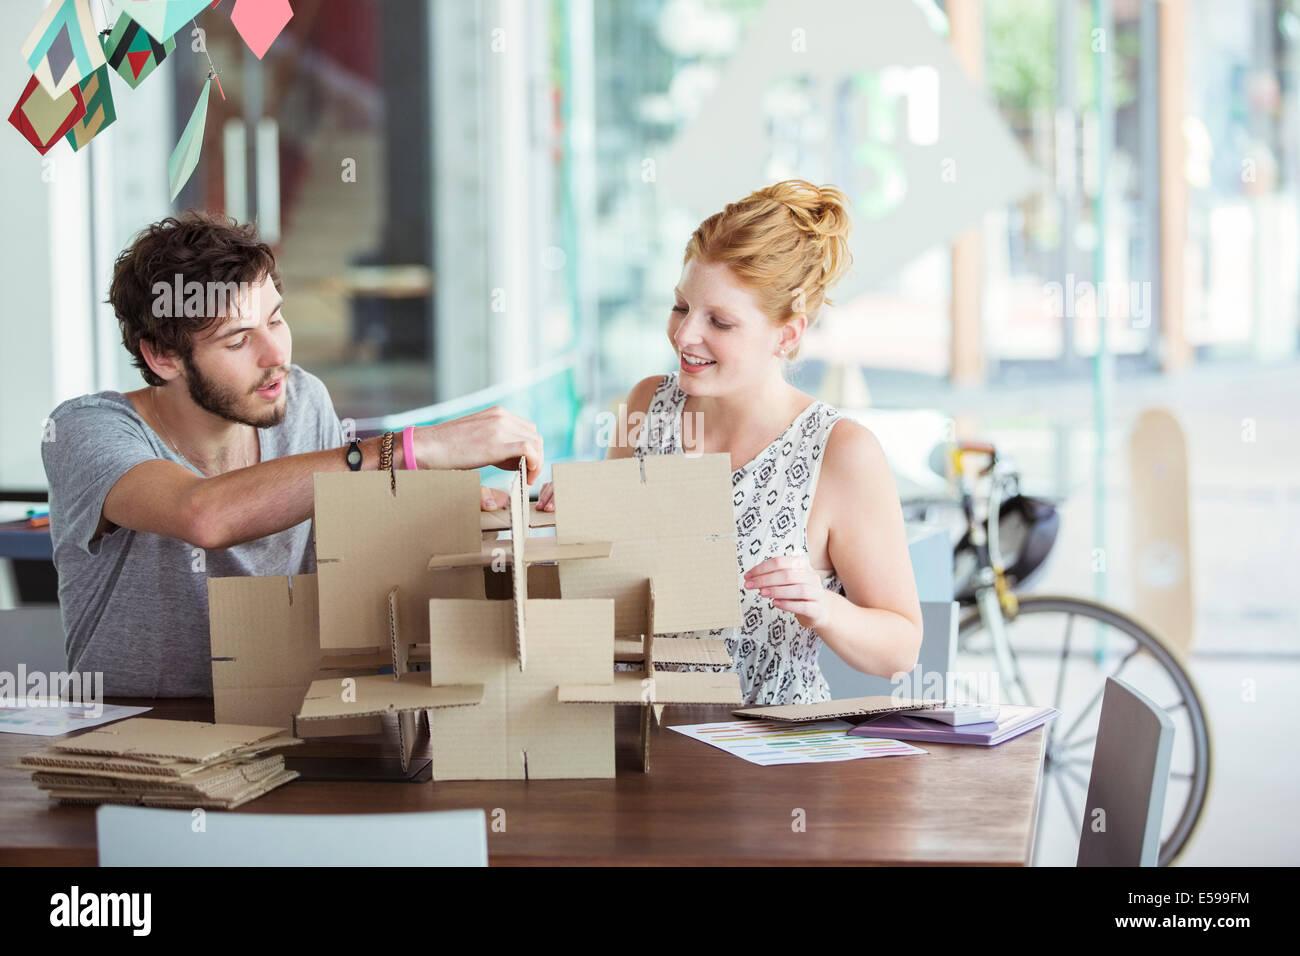 Menschen Gebäudemodell zusammen Stockbild